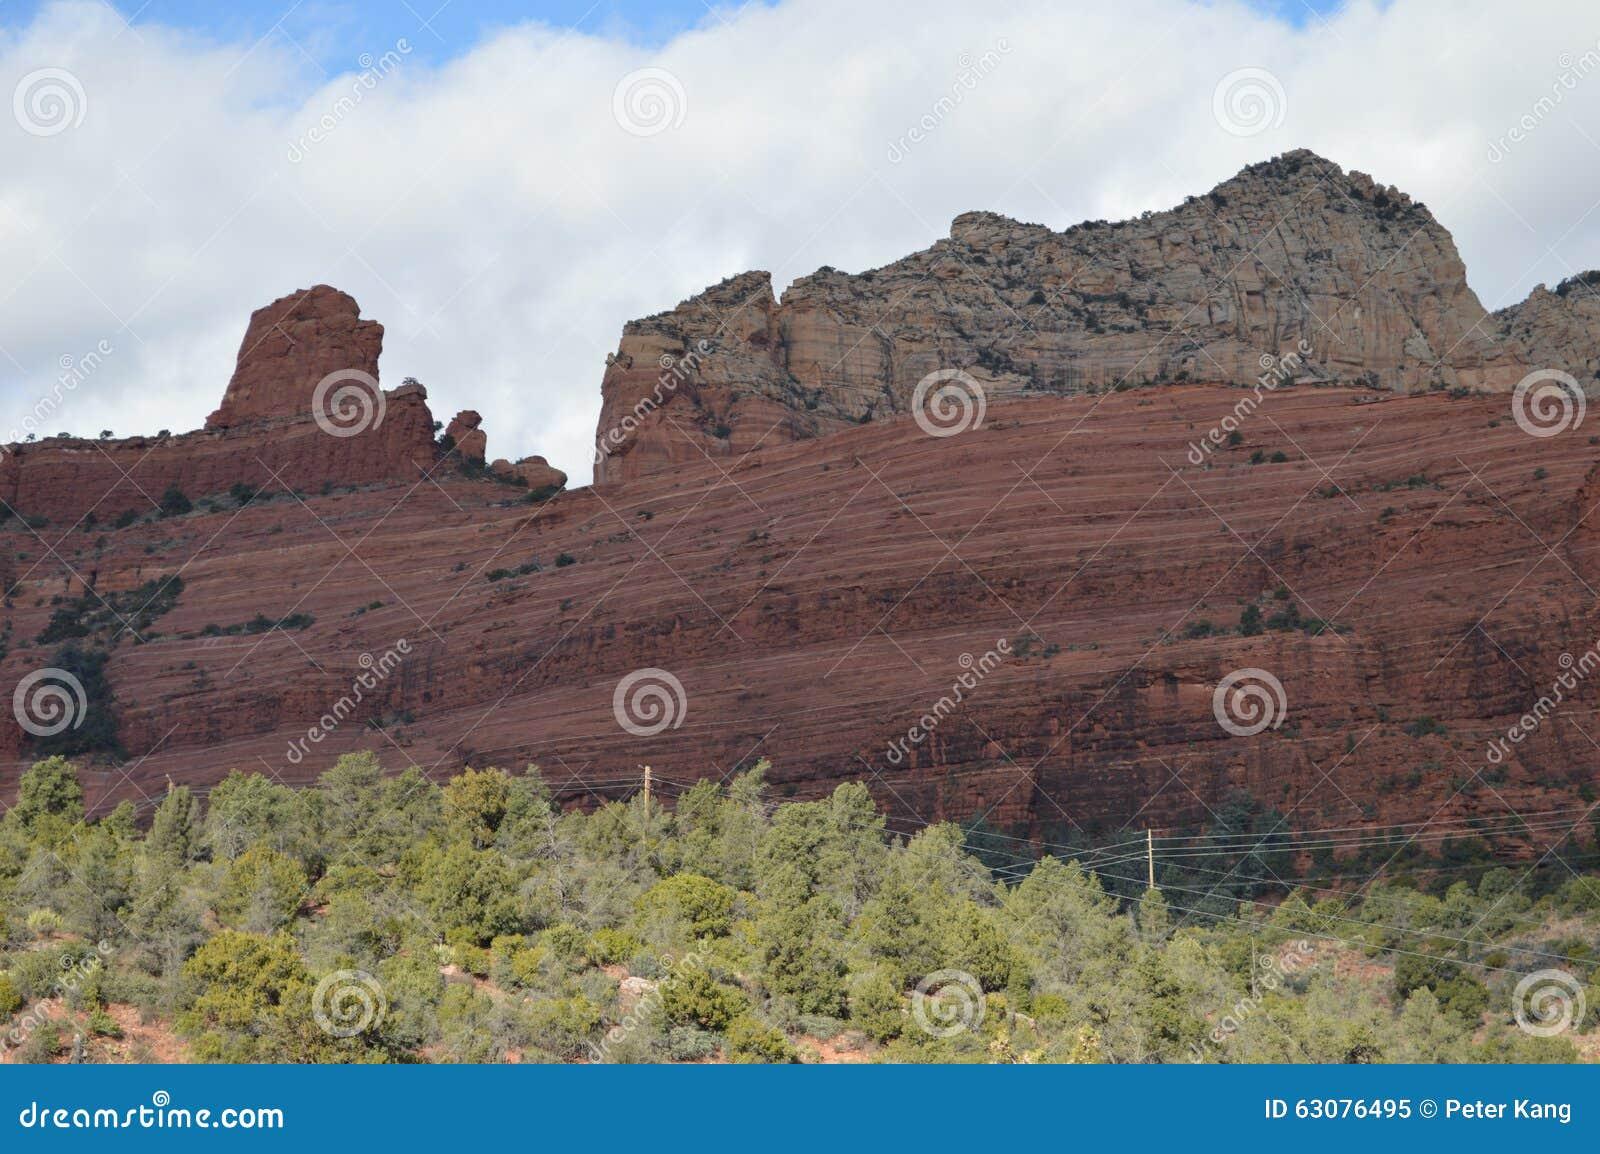 Download Sedona Moutains image stock. Image du crête, arbres, montagnes - 63076495